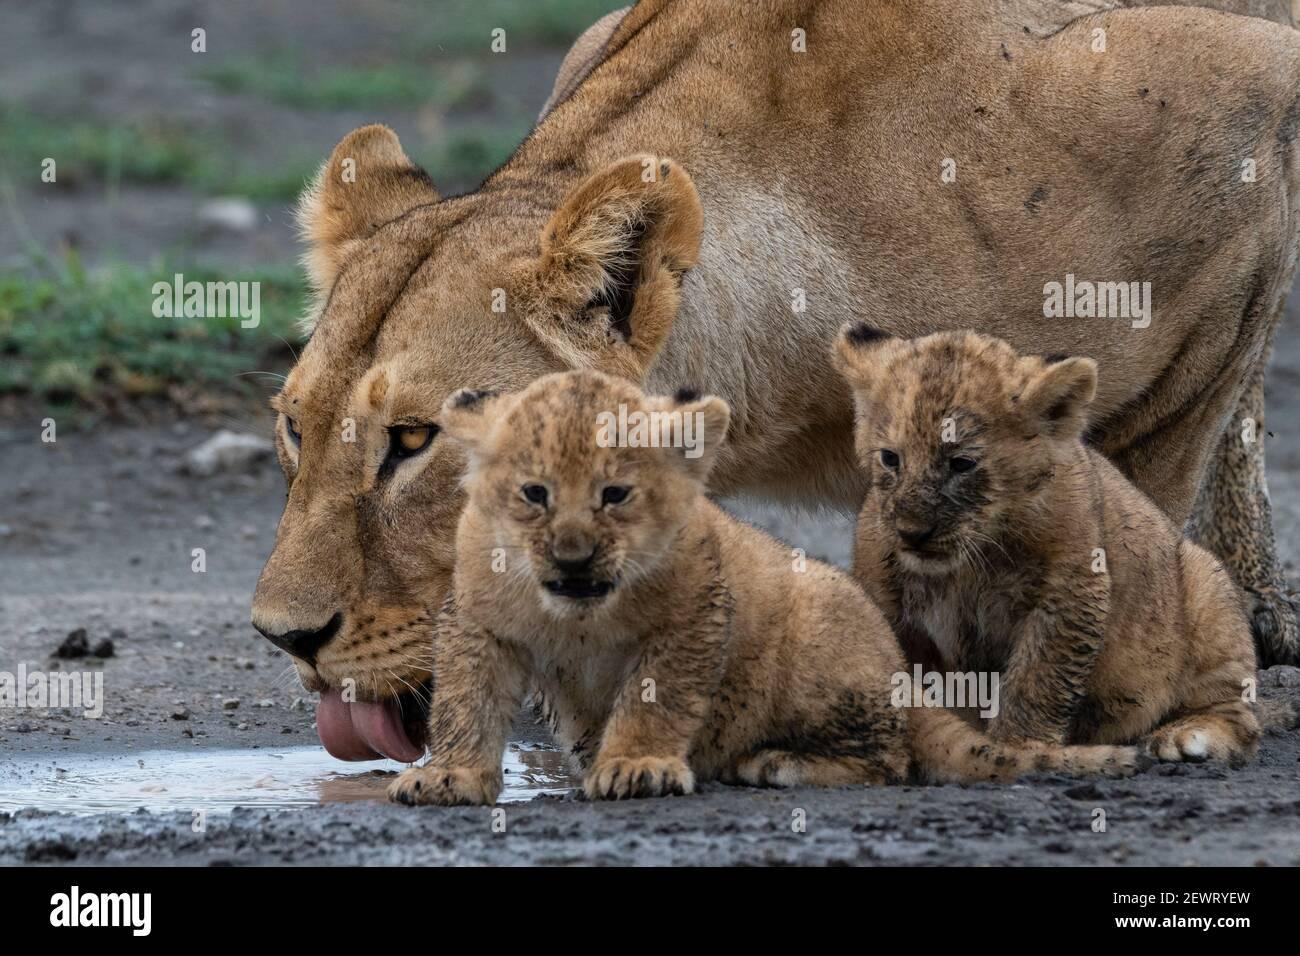 Une lionne (Panthera leo) avec ses petits de quatre semaines, Ndutu, zone de conservation de Ngorongoro, Serengeti, Tanzanie, Afrique de l'est, Afrique Banque D'Images